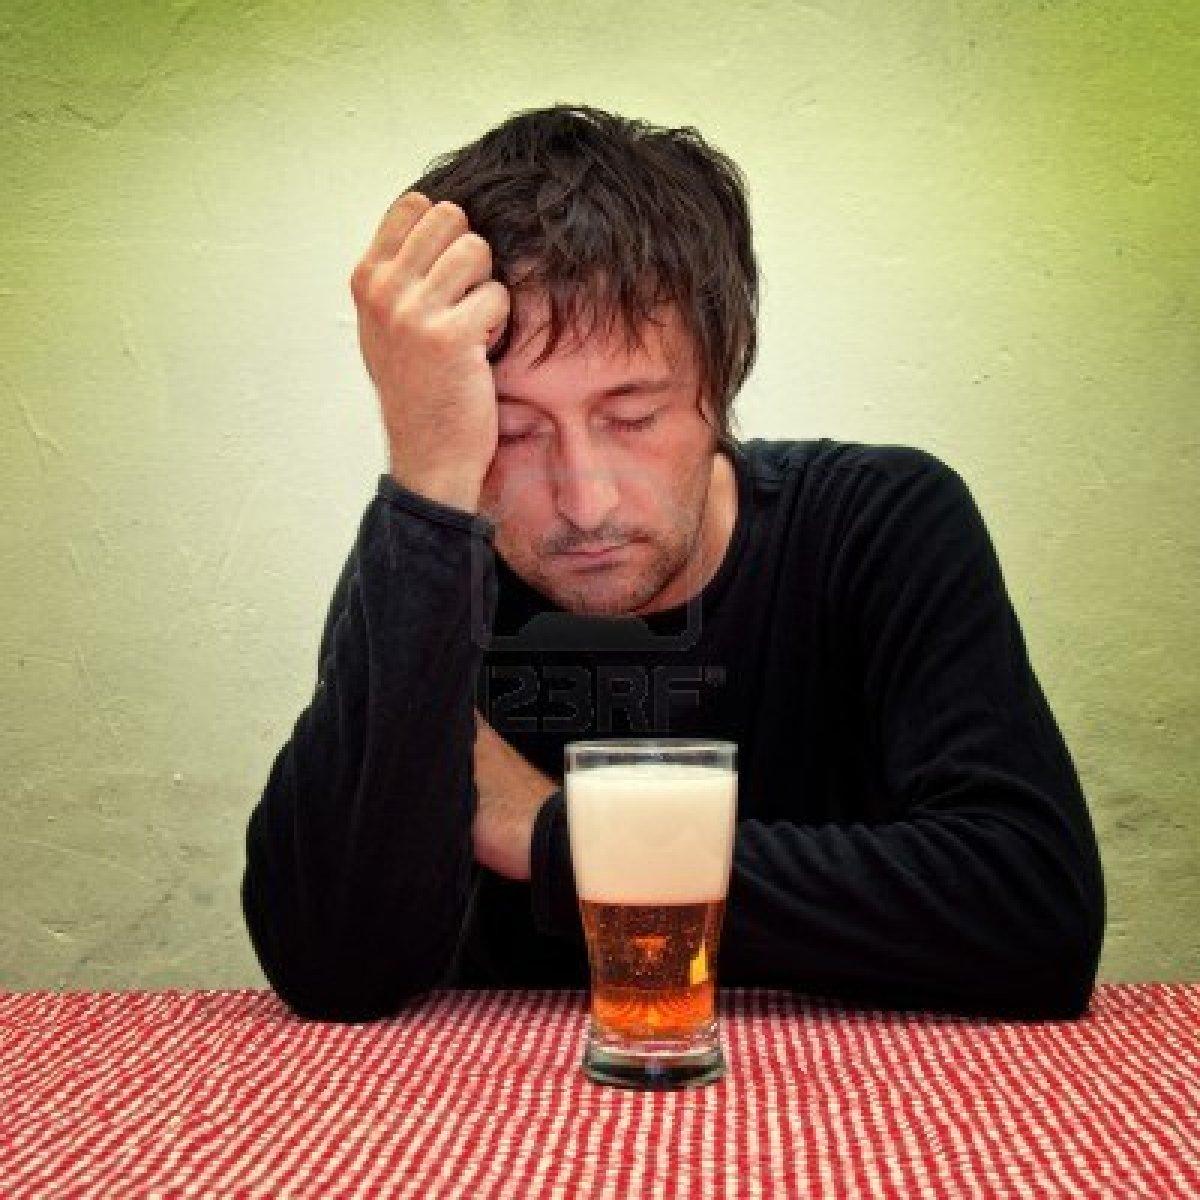 Un homme ivre saoul rentre dans le mauvais appartement et tente de faire l 39 amour sa voisine - Position pour faire l amour dans un lit ...